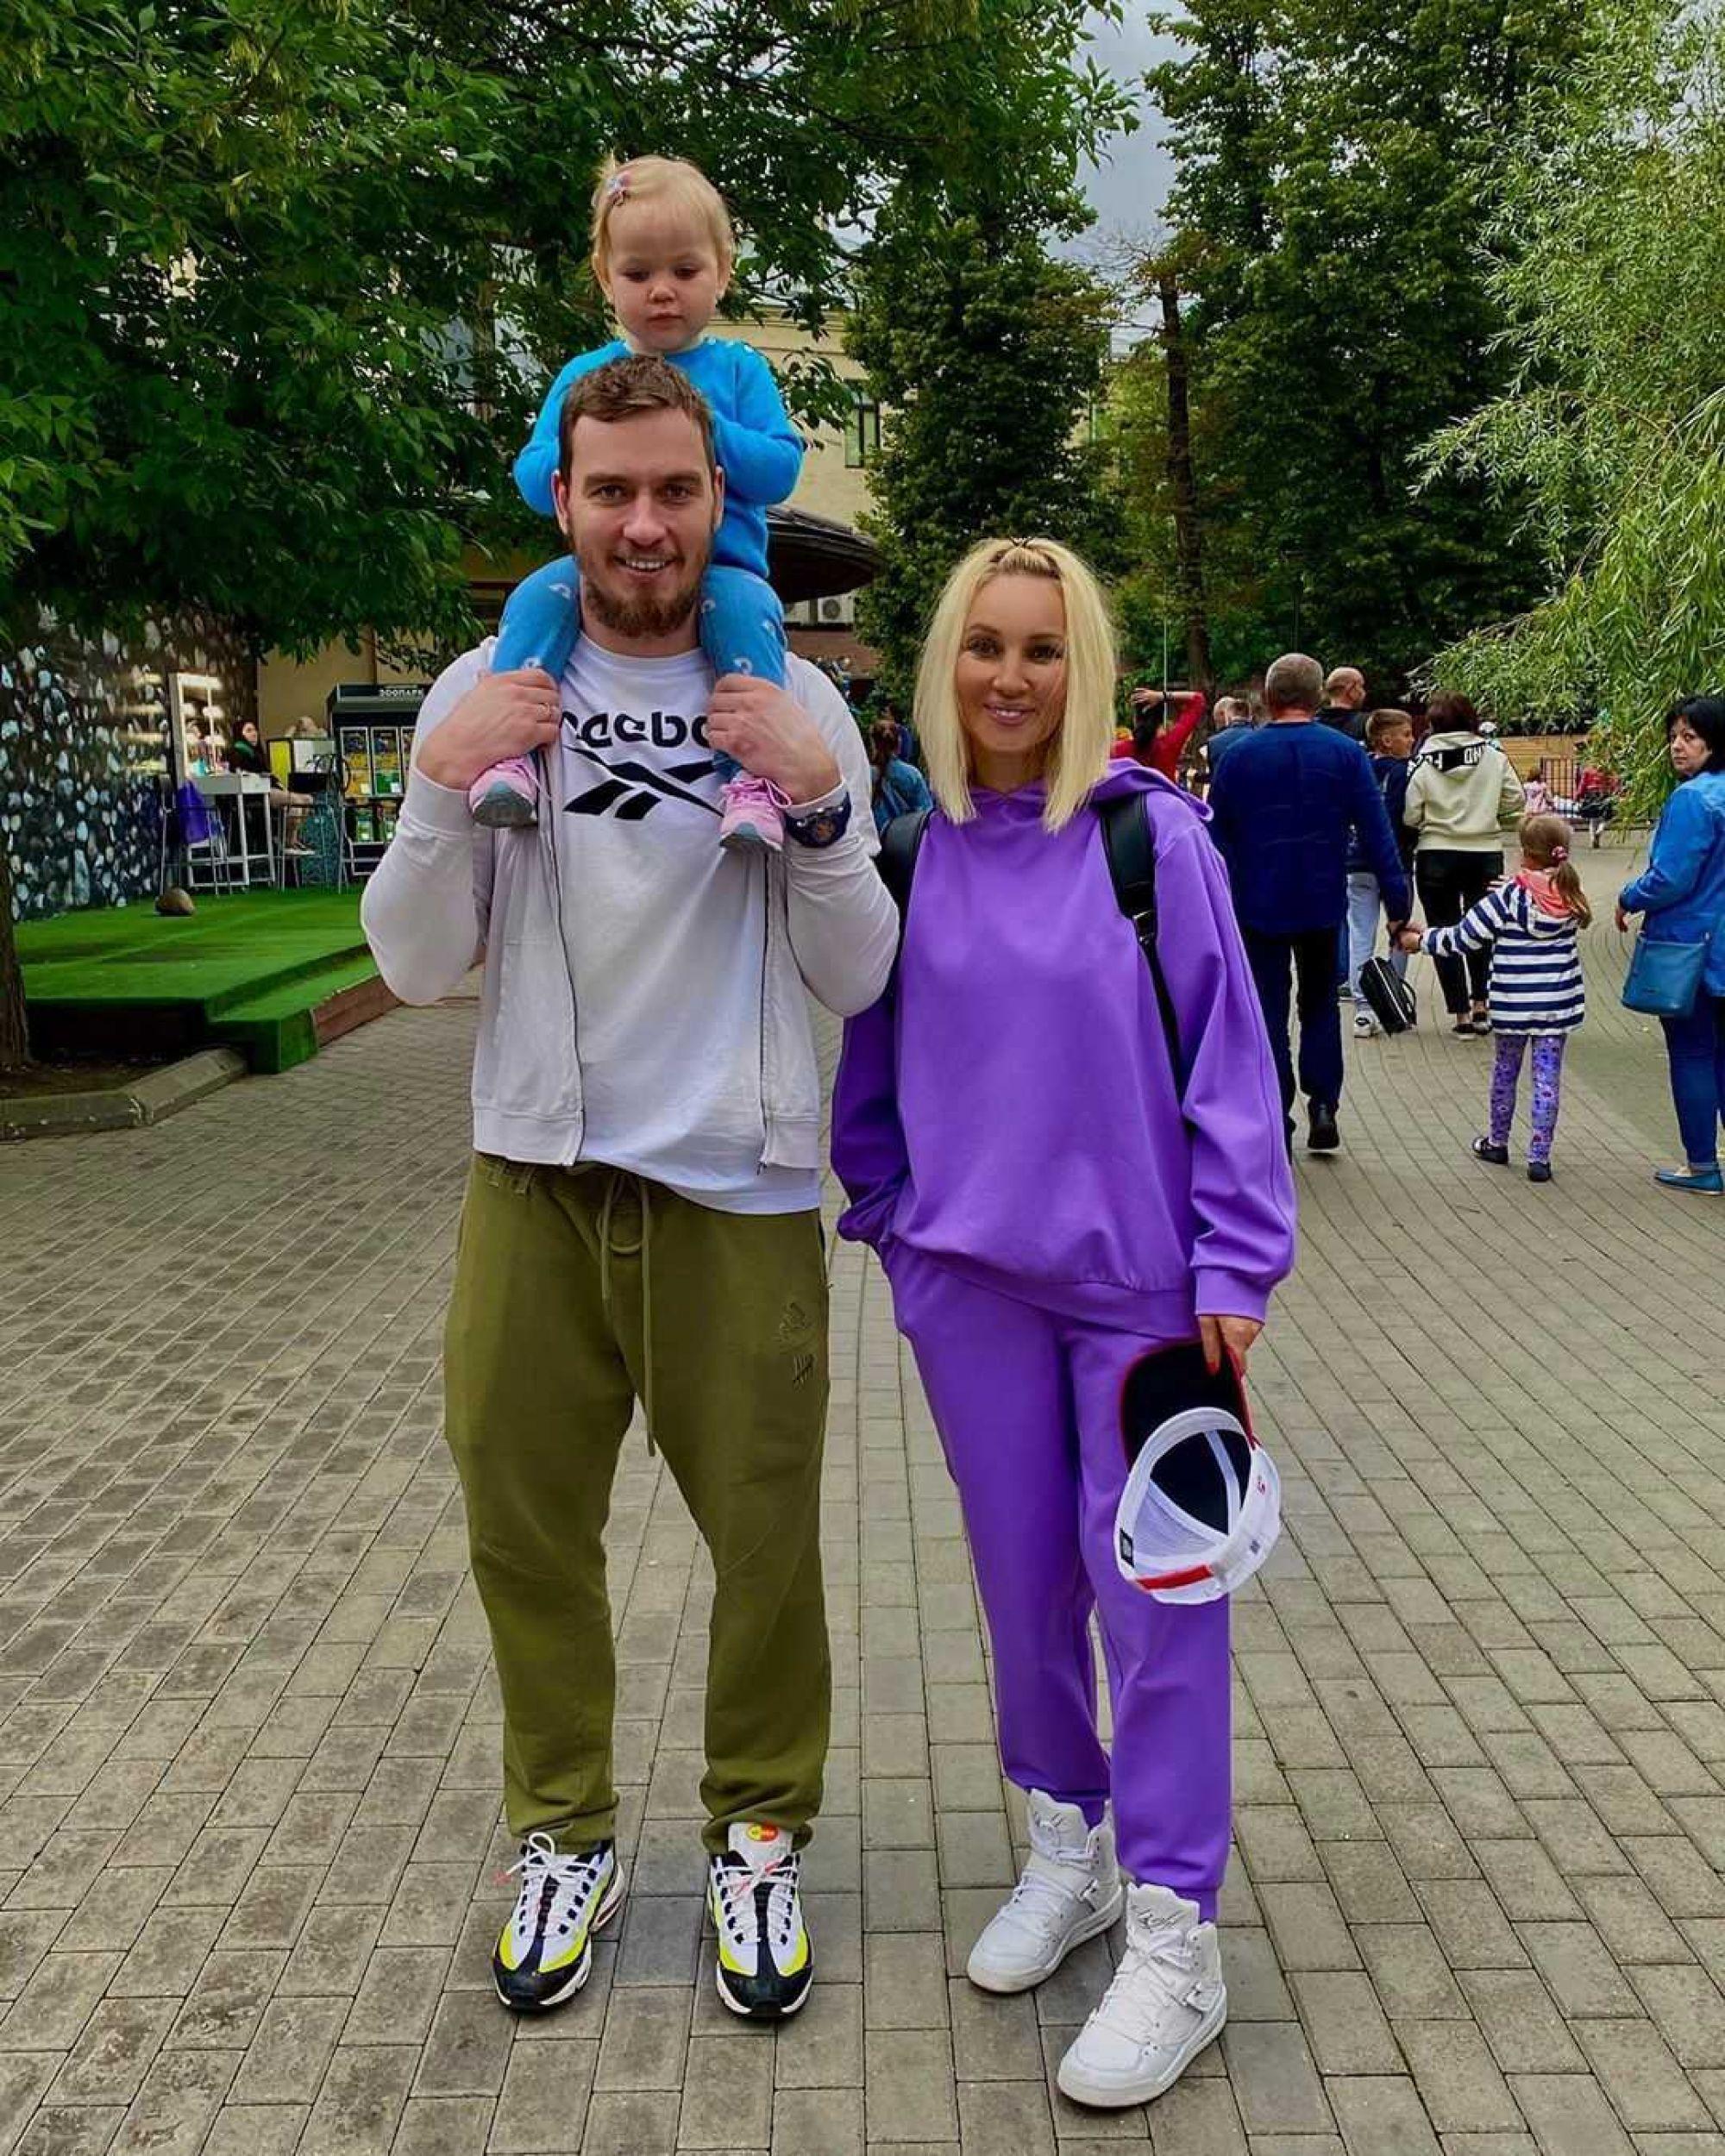 Лера Кудрявцева рассказала фанатам о своем диагнозе